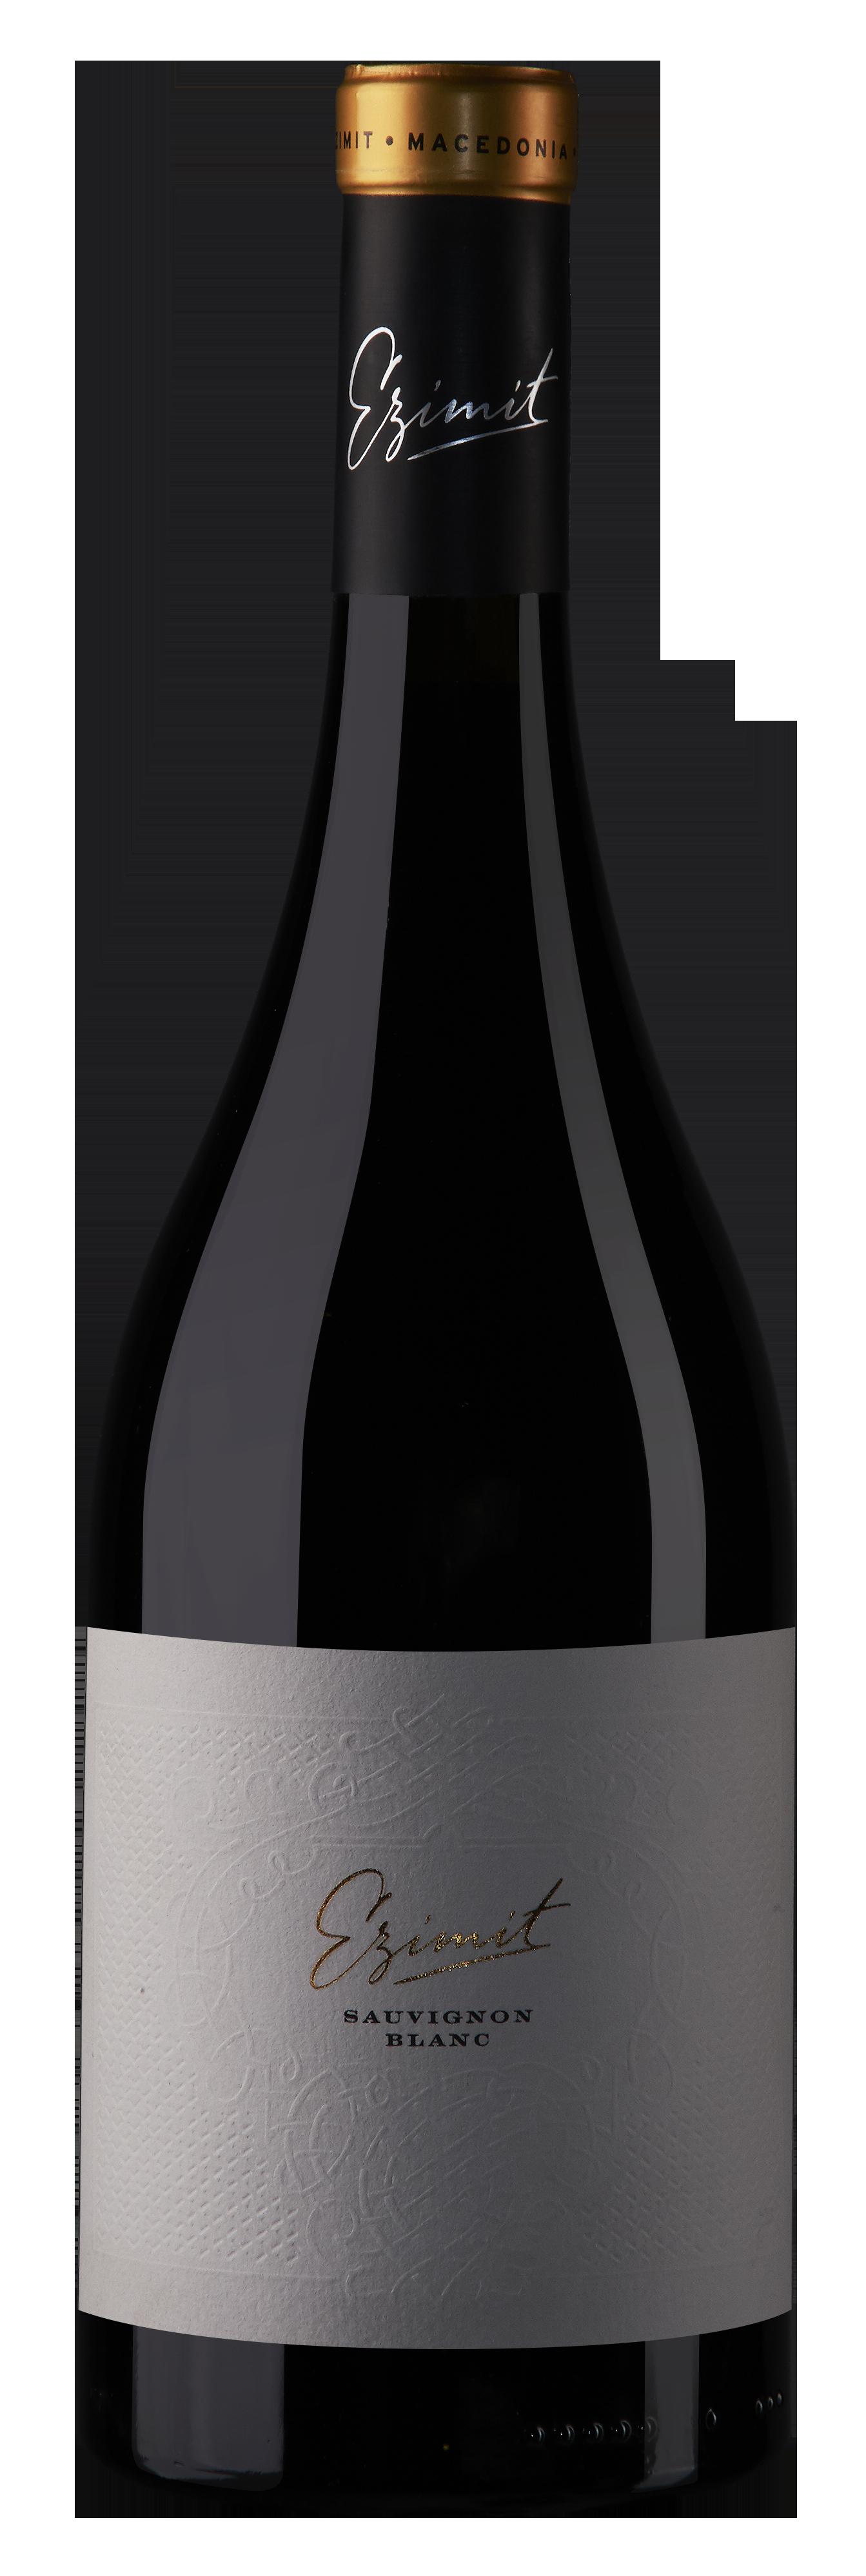 0,75L Ezimit Sauvignon Blanc Weißwein trocken 2018 - 13,0% - 7,99€/L